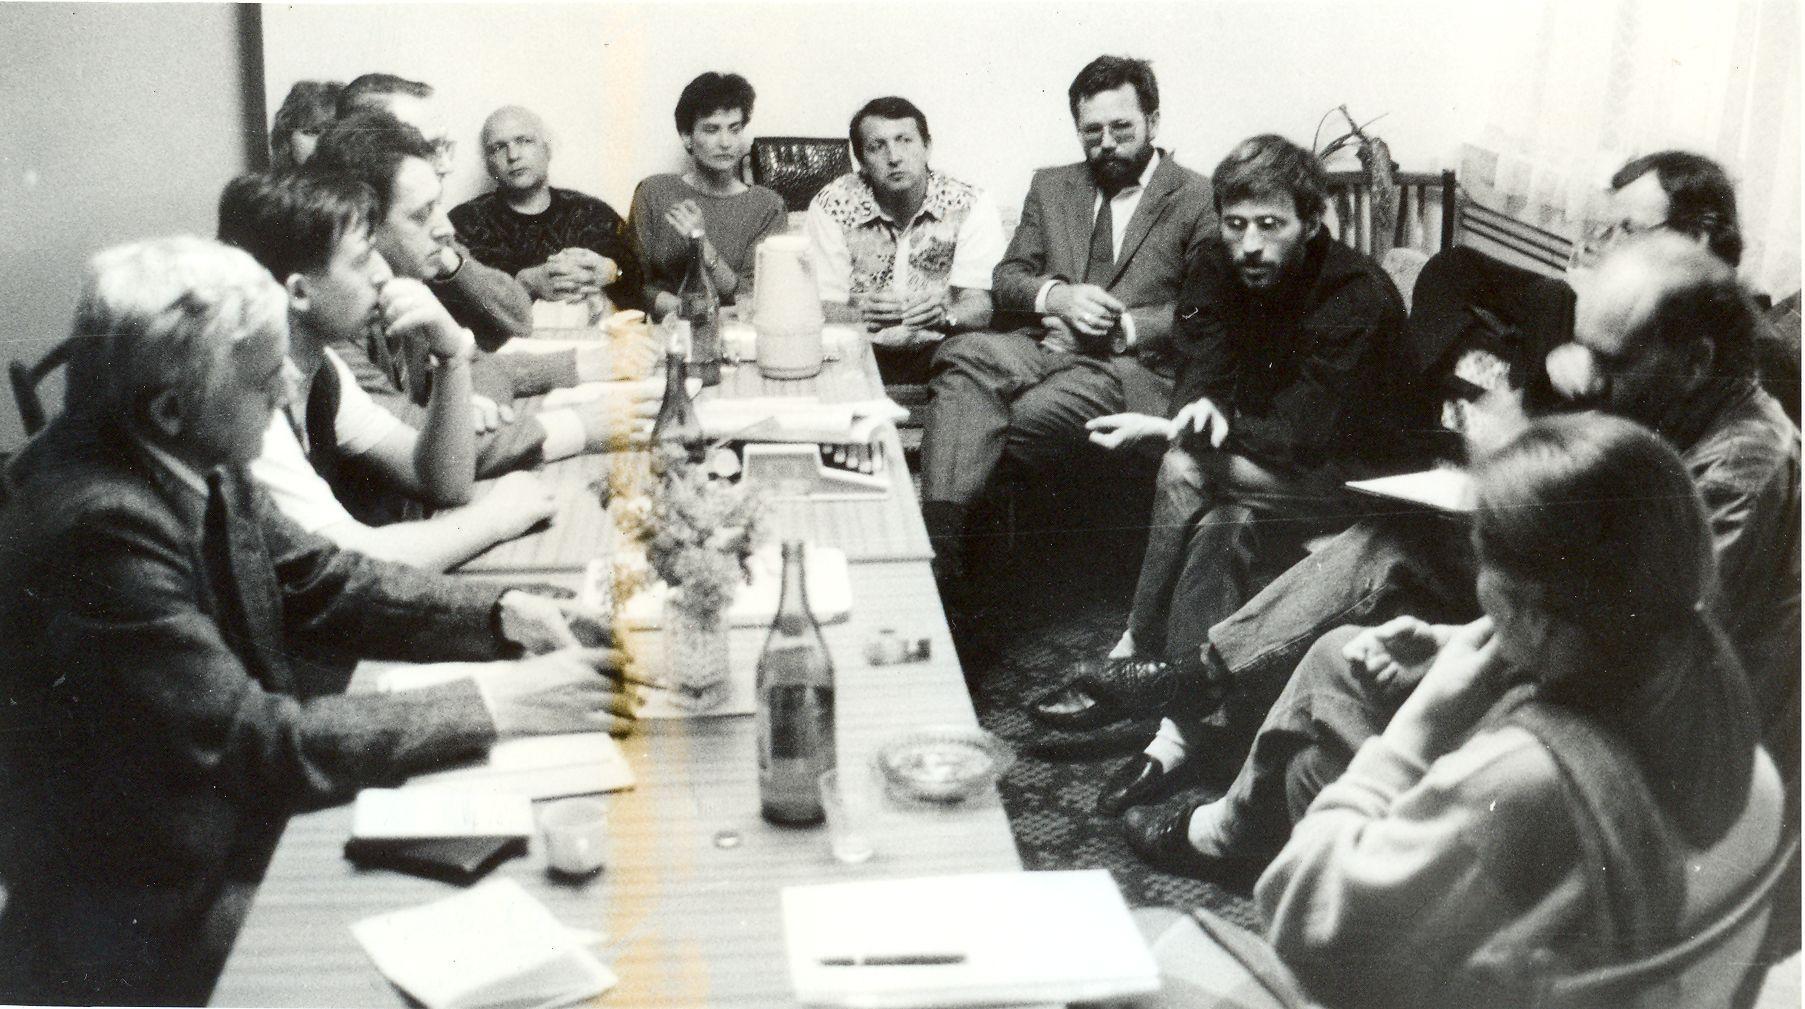 z FMK (Független Magyar Kezdeményezés) elnökségi ülése 1990 tavaszán, Foto: Prikler László (adatbank.sk)